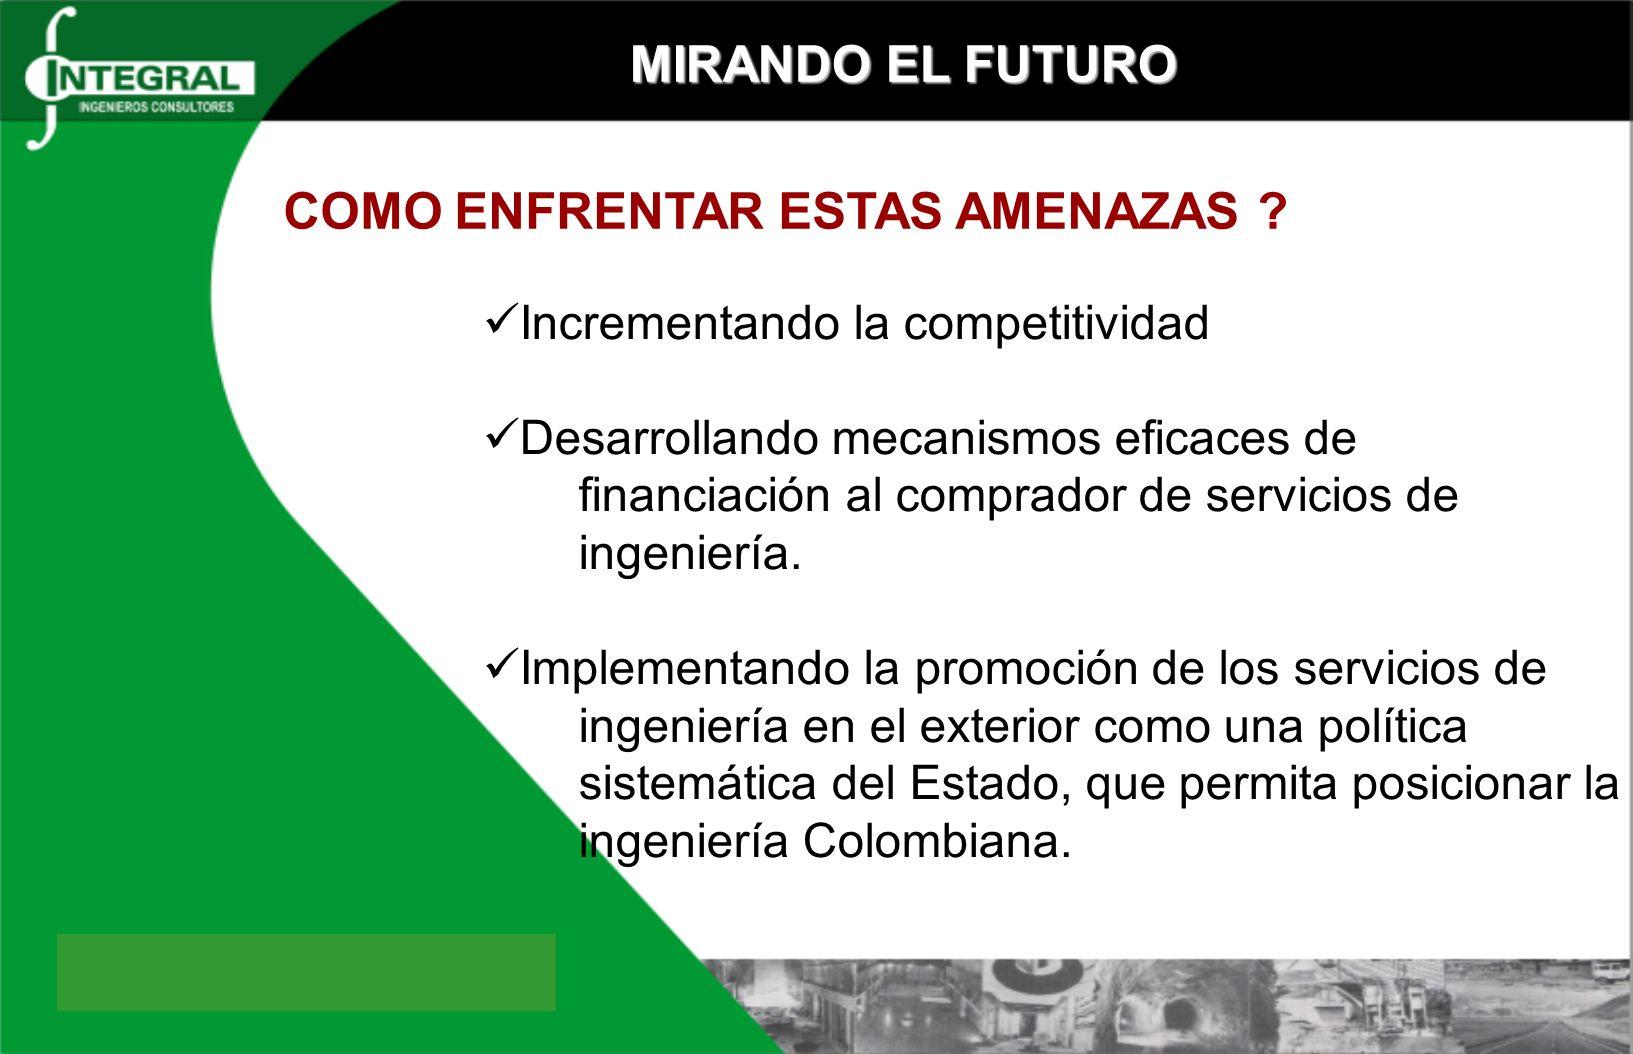 MIRANDO EL FUTURO Incrementando la competitividad